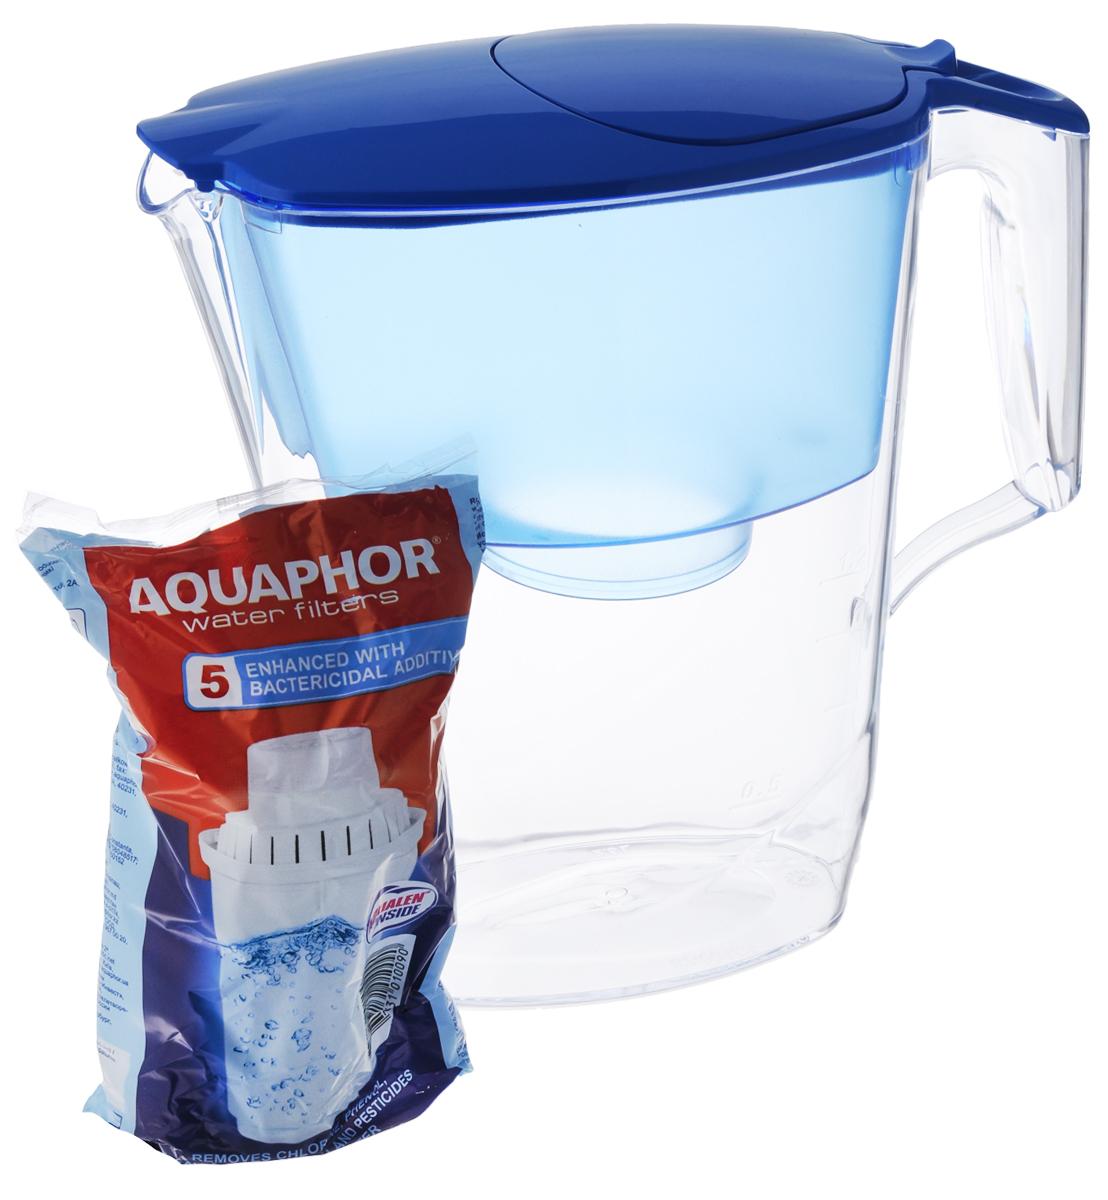 Фильтр-кувшин для воды Аквафор Ультра, цвет: прозрачный, голубой, 2,5 лФильтр-кувшин Барьер Экстра цвет: белыйФильтр-кувшин Аквафор Ультра позволяет иметь под рукой довольно большое количество очищенной воды, готовой к использованию. Объем кувшина - 2,5 л, объем воронки - 1,1 л. Используется универсальный сменный фильтрующий модуль В100-5, усиленный бактерицидной добавкой. Компания Аквафор создавалась как высокотехнологическая производственная фирма, охватывающая все стадии создания продукции от научных и конструкторских разработок до изготовления конечной продукции. Основное правило Аквафор - стабильно высокое качество продукции и высокие технологии, поэтому техническое обновление производства происходит каждые 3-4 года, для чего покупаются новые модели машин и аппаратов.Собственное производство уникальных сорбентов и постоянный контроль на всех этапах производства позволяют Аквафору выпускать высококачественный продукт, известность которого на рынке быстро растет.Материал: пластик.Общий размер фильтр-кувшина: 25 х 10 х 24,5 см.Комплектация: кувшин, воронка, крышка с носиком, 1 картридж B100-5. Имеется инструкция по эксплуатации на русском языке.